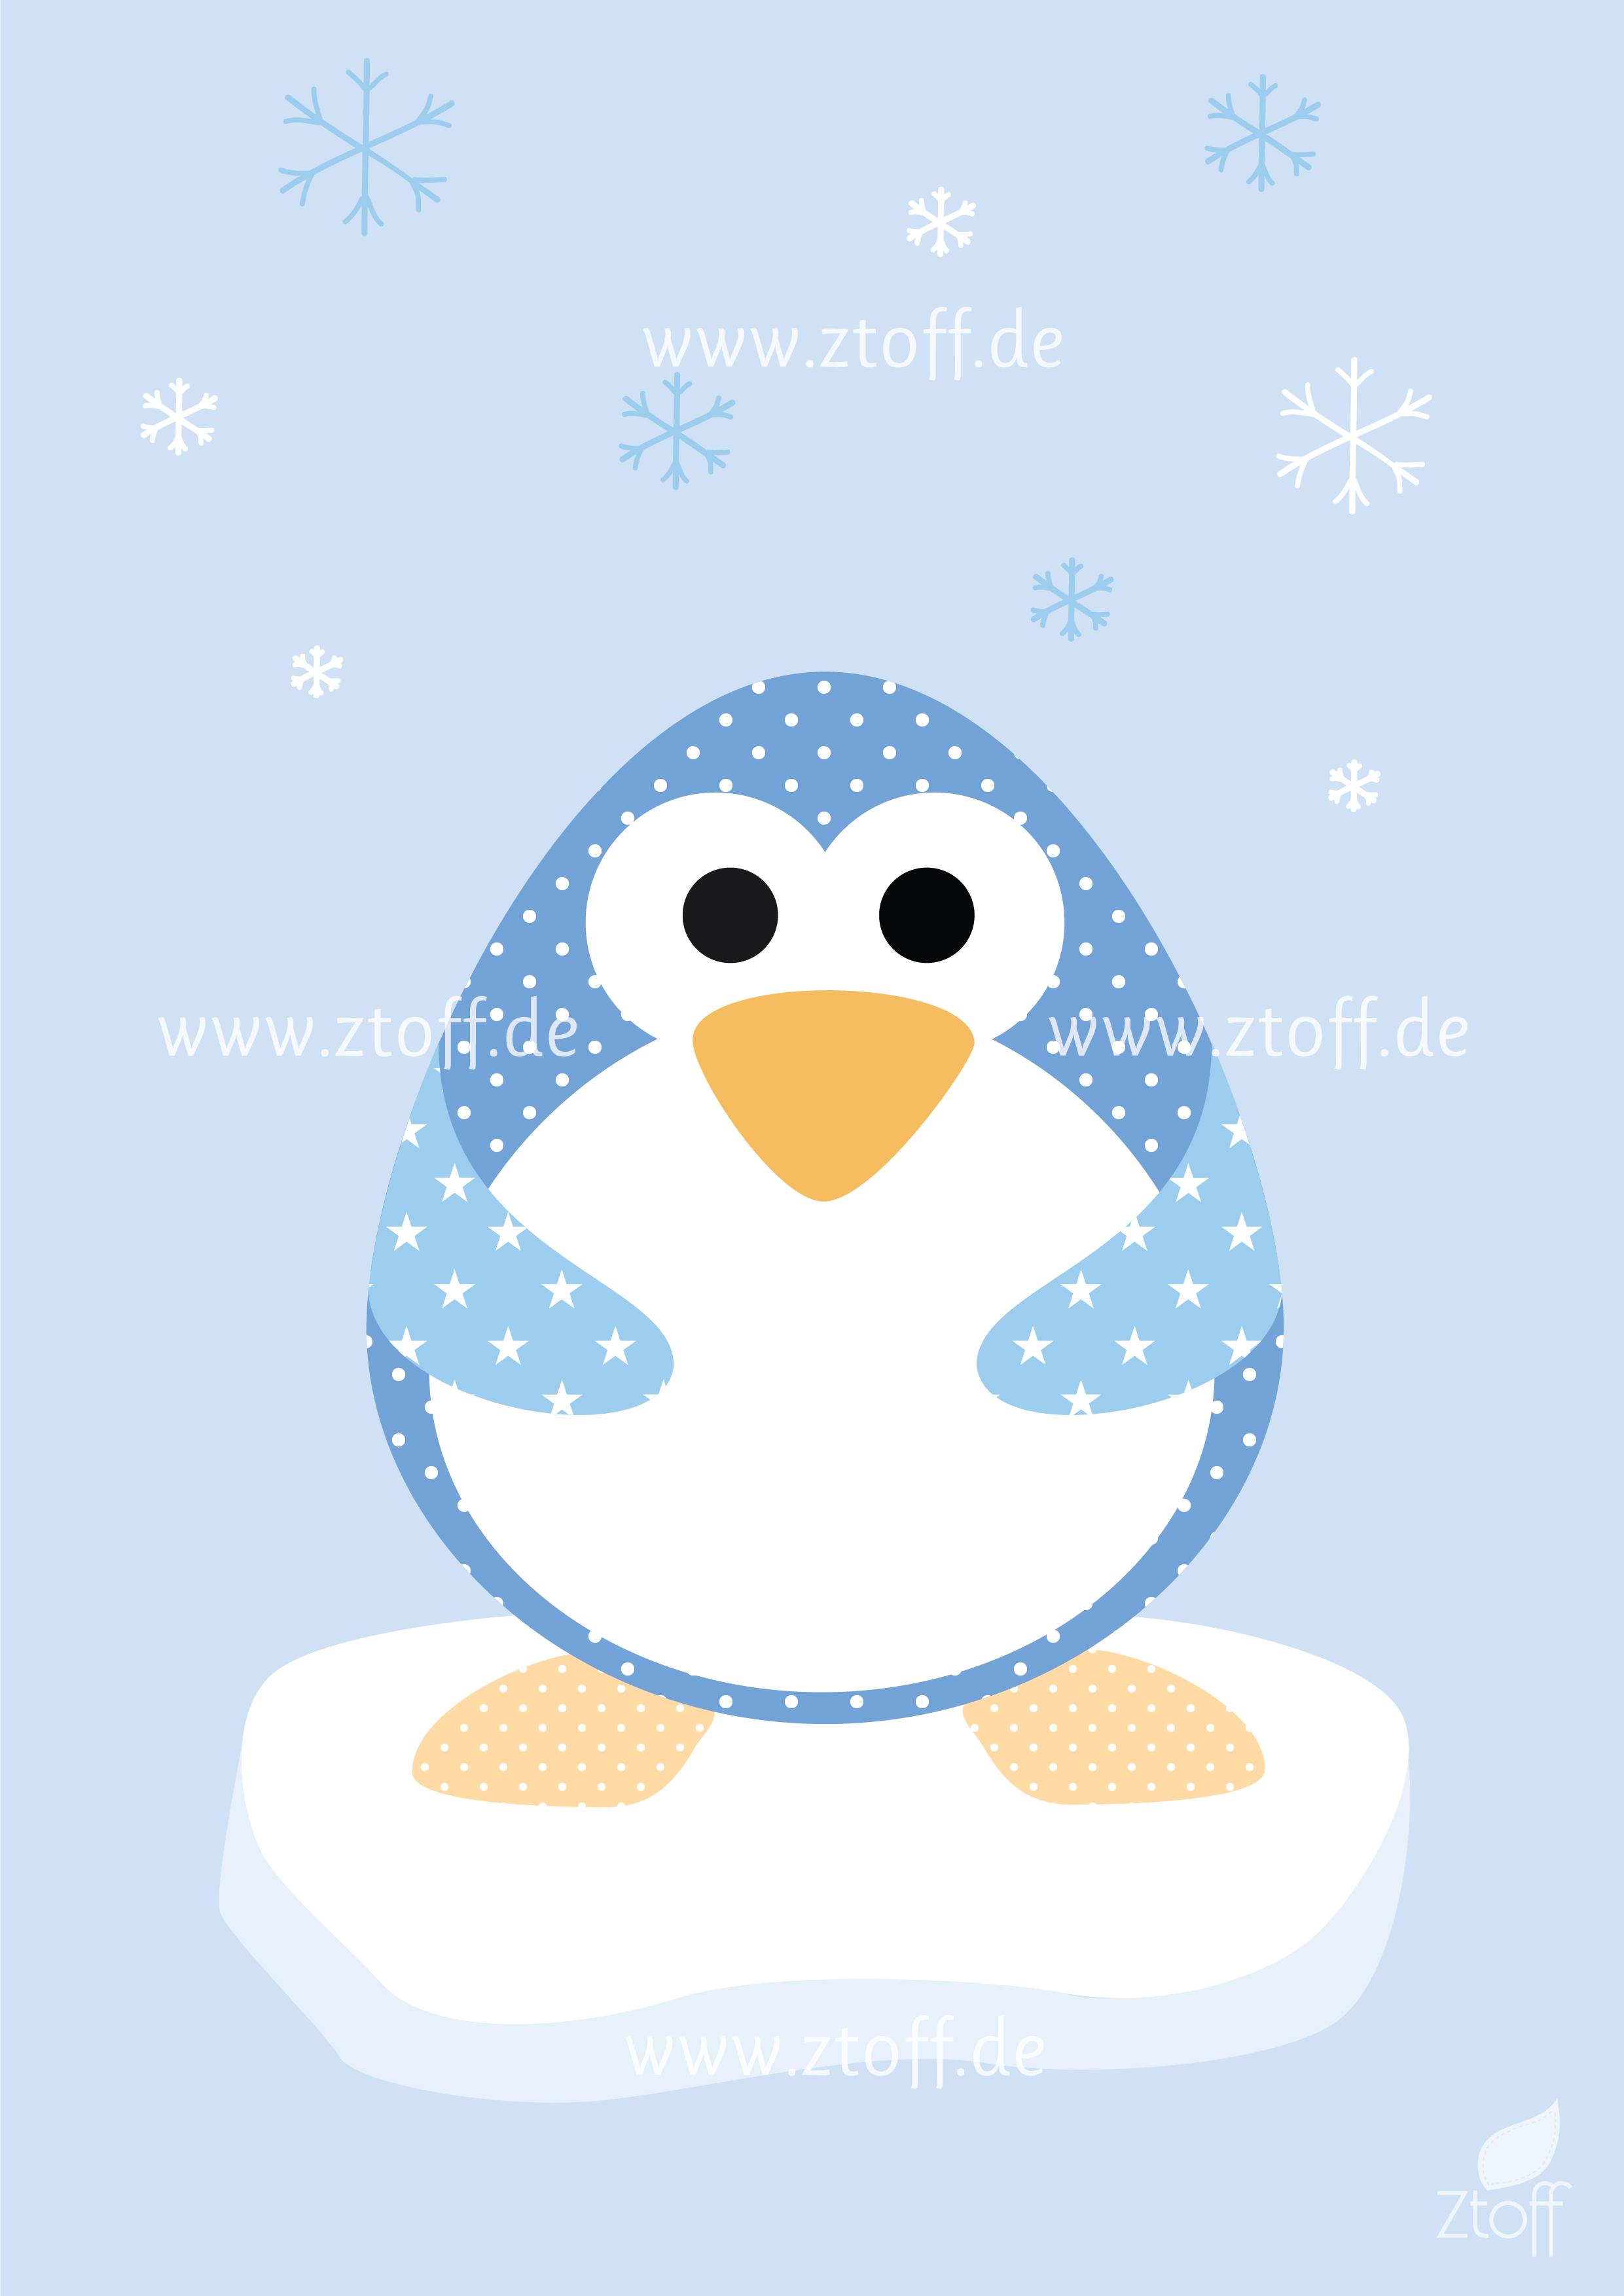 3 Bilder für Kinderzimmer (Pinguin, Eisbär, Wal) zum Ausdrucken